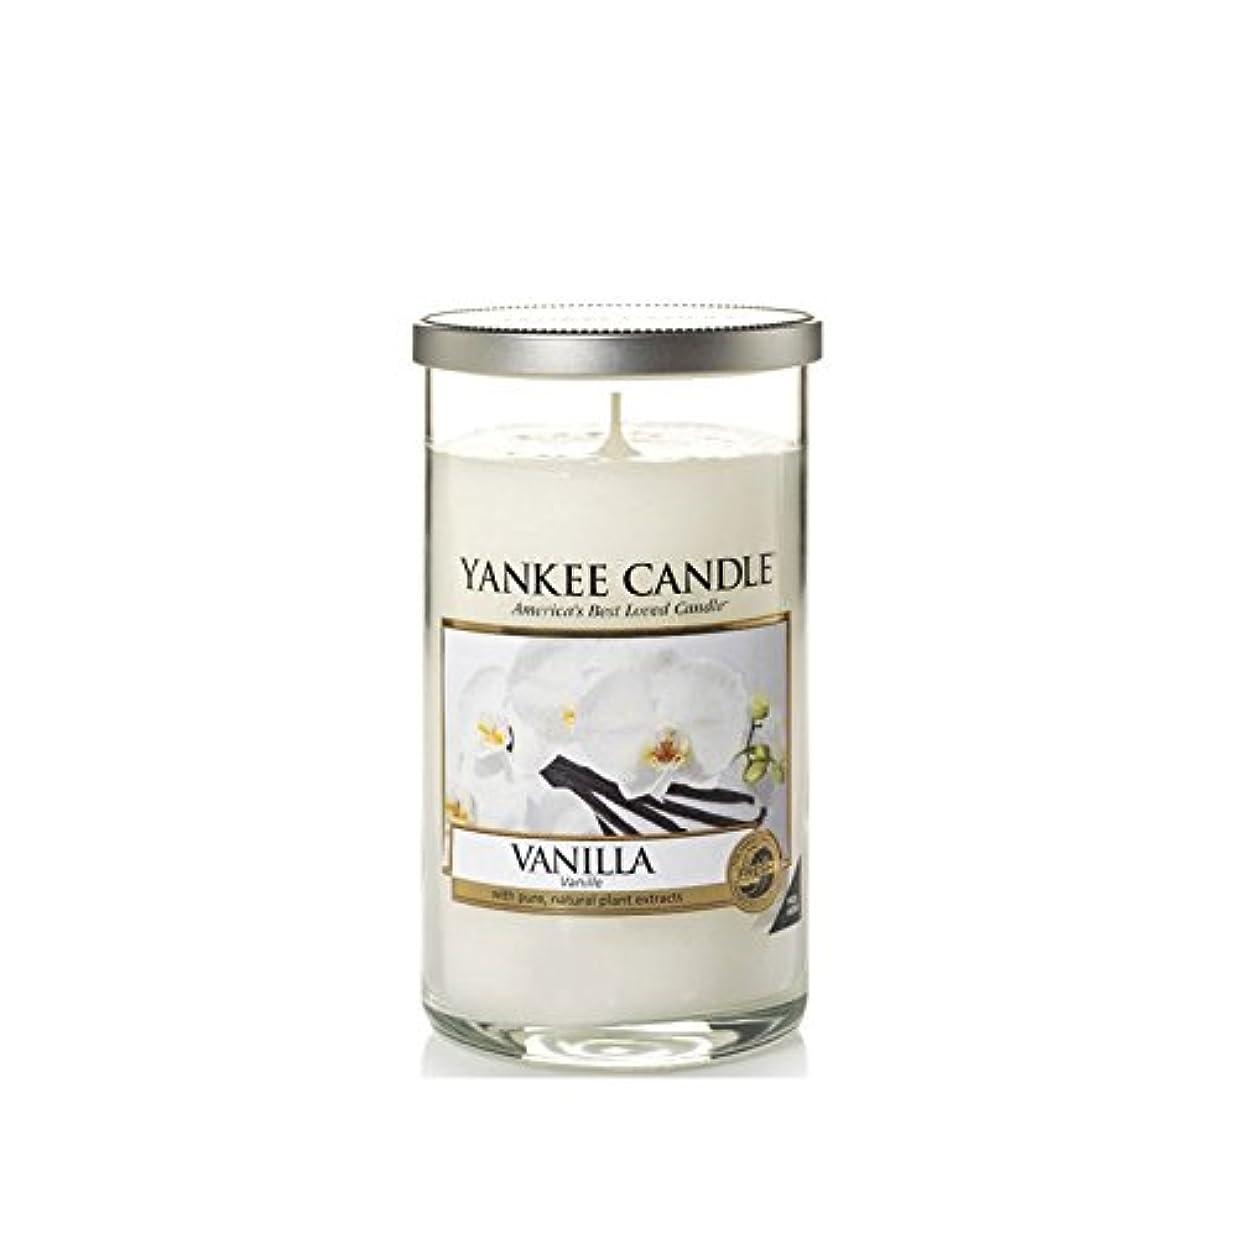 残忍な干し草道に迷いましたYankee Candles Medium Pillar Candle - Vanilla (Pack of 6) - ヤンキーキャンドルメディアピラーキャンドル - バニラ (x6) [並行輸入品]